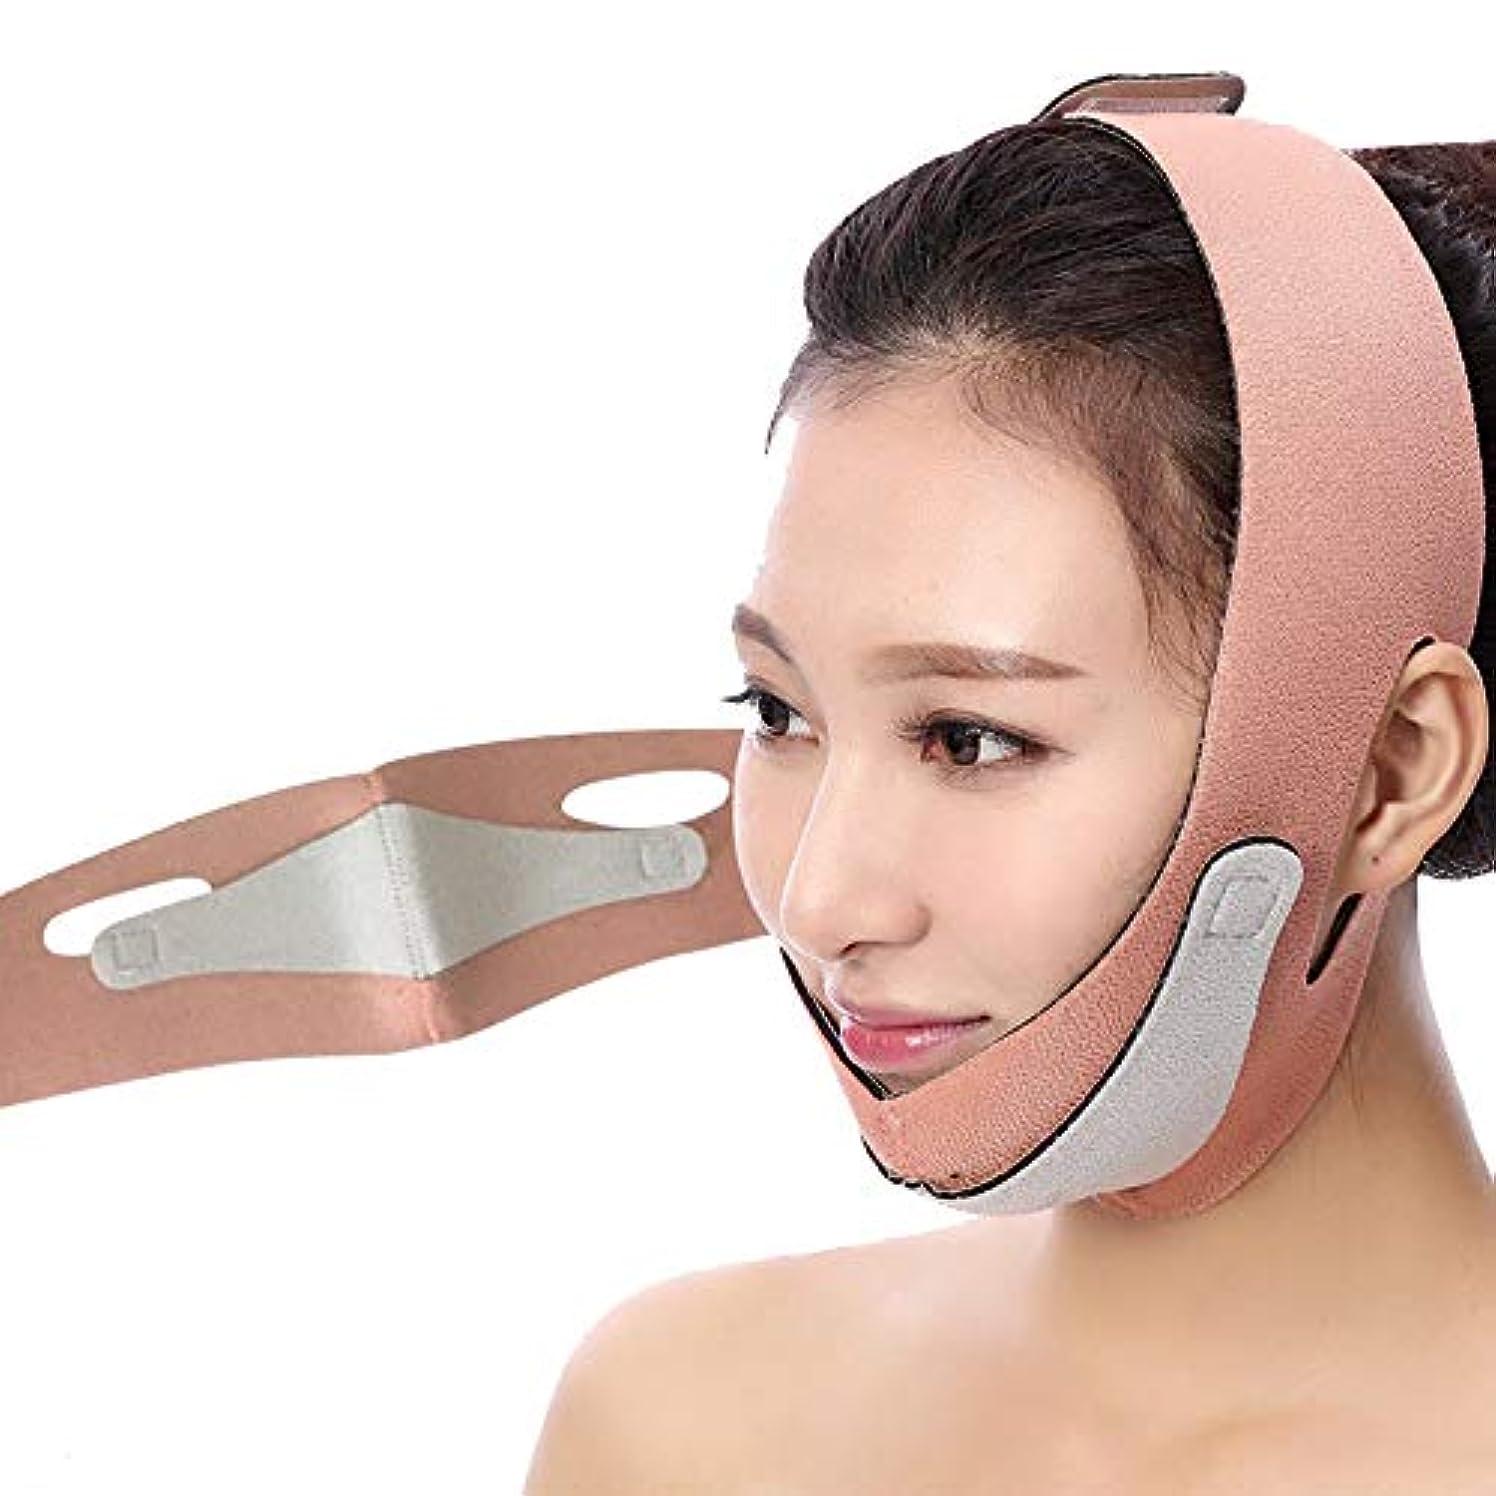 アルファベット回転雑種女性用フェイススリミングマスク、フェイスリフティングスリミングVフェイスマスク、Vフェイスラインベルトチンチークスリムリフトアップアンチリンクルマスク超薄型ストラップバンドVフェイスラインベルトストラップ通気性